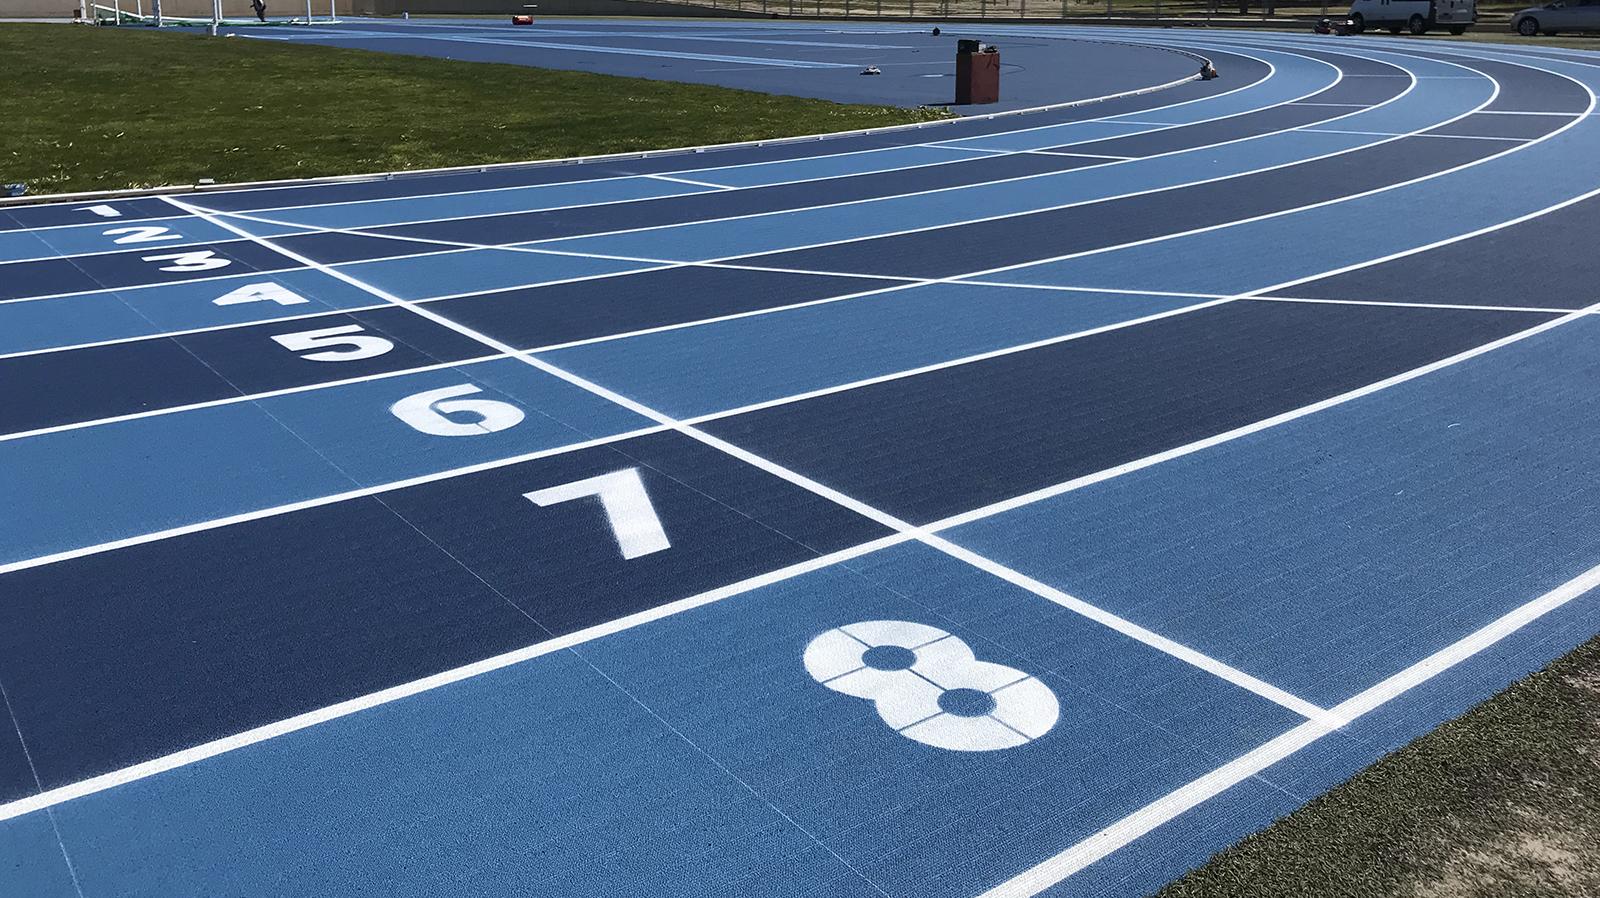 Pista de atletismo de magaluf. pista d'atletisme de magaluf. athletics track magaluf. Entrena atletismo en Mallorca , Athletics track in Mallorca